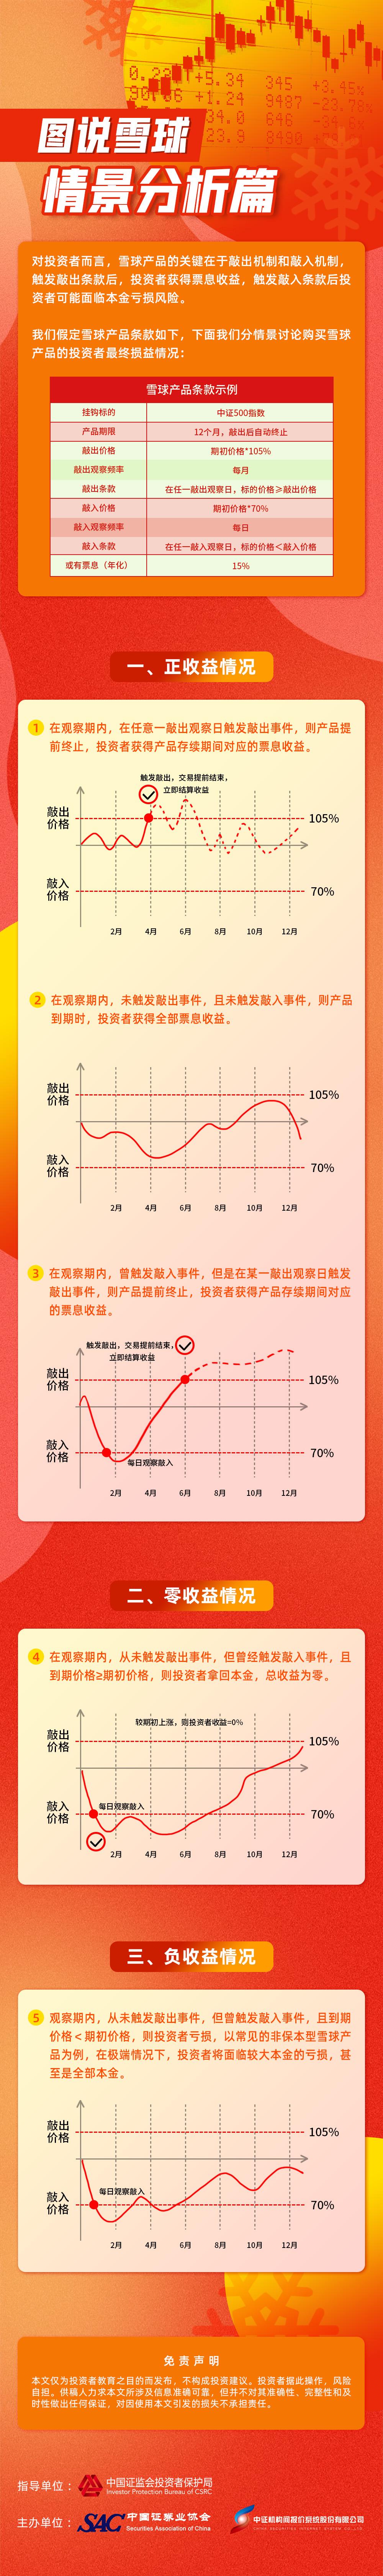 【专项投教活动】【雪球产品投教】图说雪球——情景分析篇.jpg